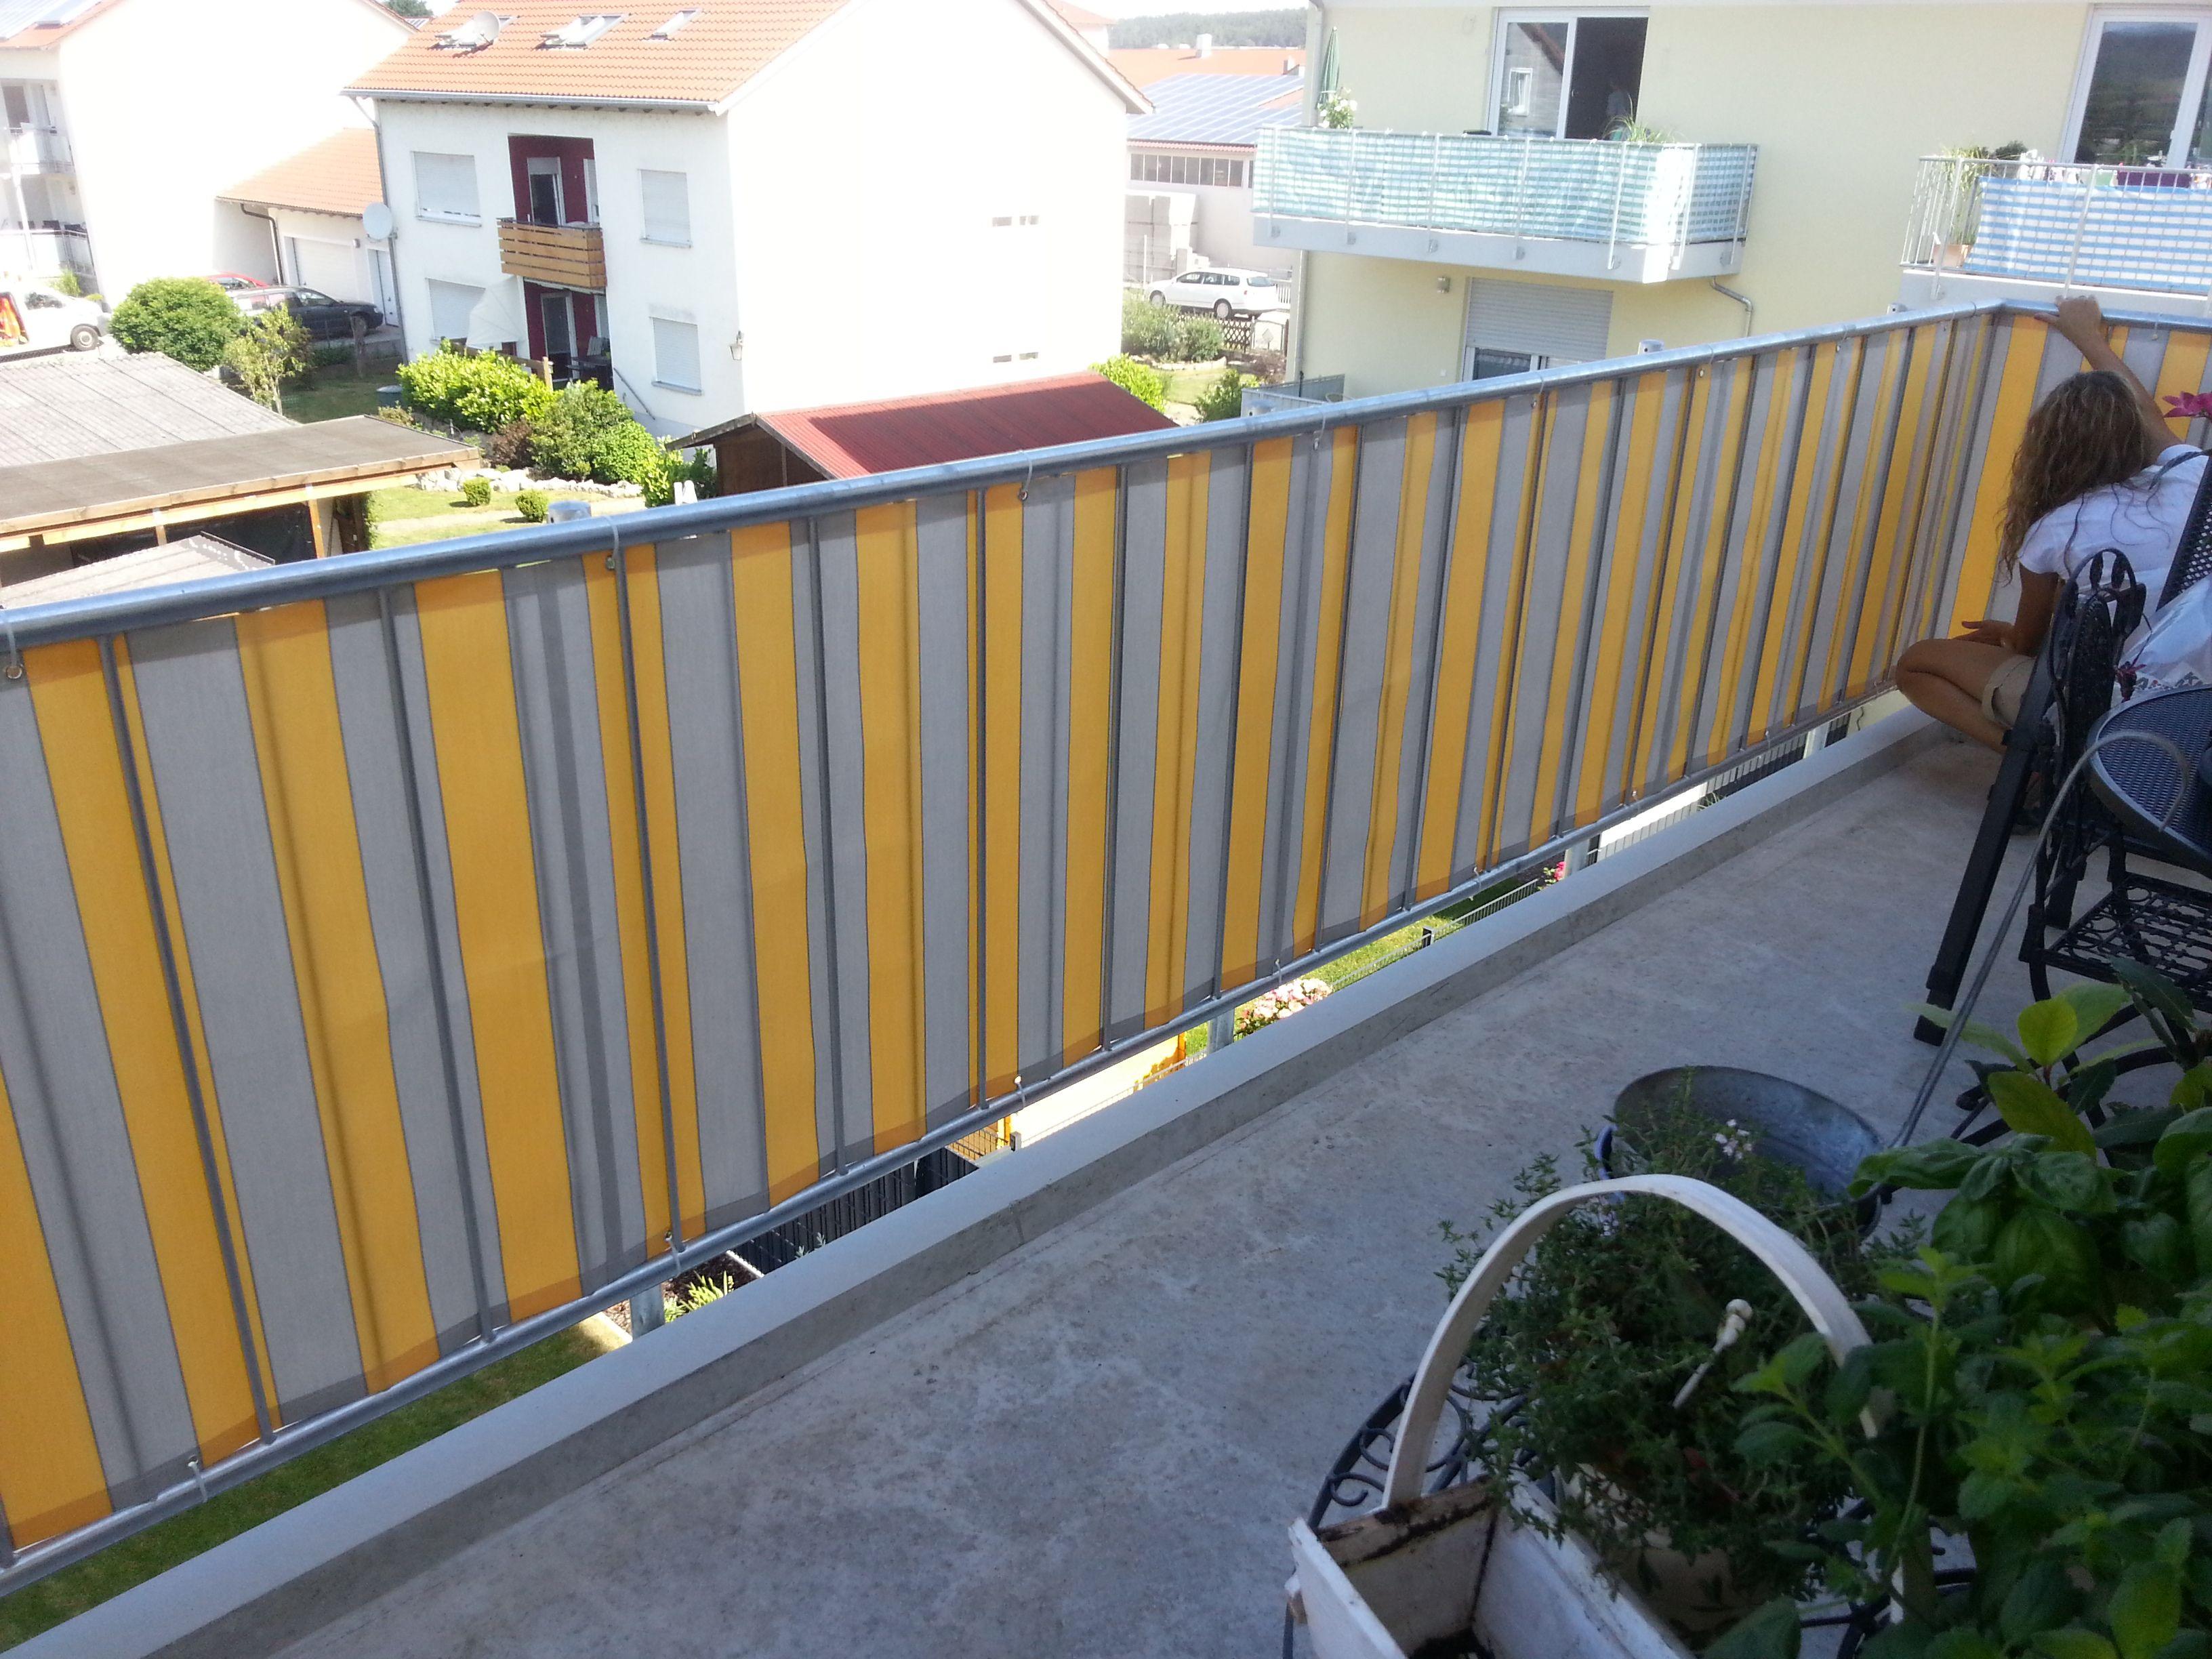 die balkonbespannung ist eine andere art, um eigenen balkon mit, Garten und bauen